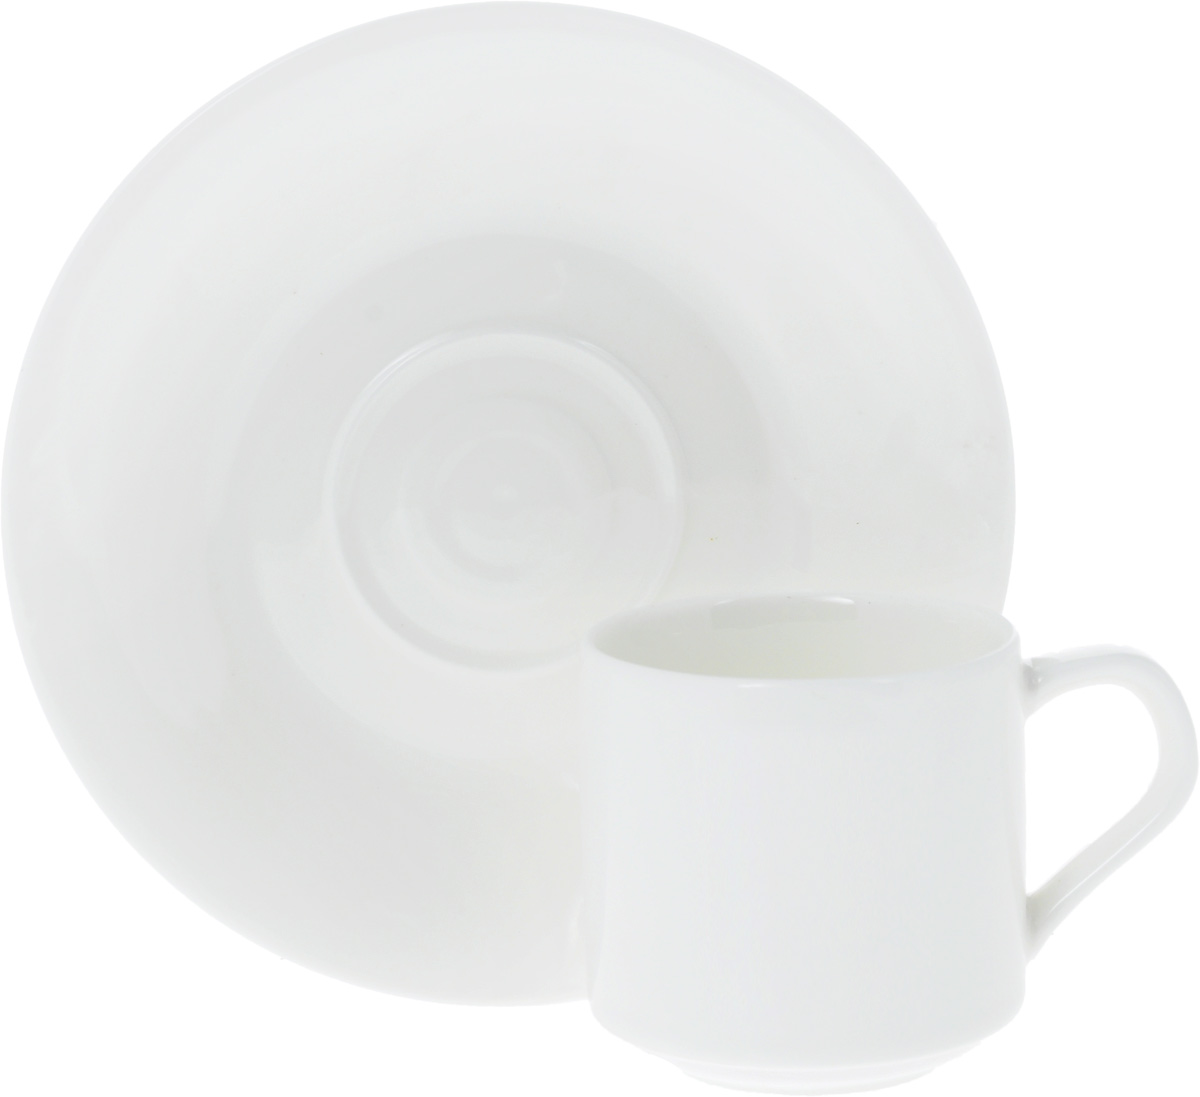 """Кофейная пара """"Wilmax"""" состоит из чашки и блюдца. Изделия выполнены из высококачественного фарфора, покрытого слоем глазури. Изделия имеют лаконичный дизайн, просты и функциональны в использовании. Кофейная пара """"Wilmax"""" украсит ваш кухонный стол, а также станет замечательным подарком к любому празднику.  Изделия можно мыть в посудомоечной машине и ставить в микроволновую печь.  Объем чашки: 90 мл.Диаметр чашки (по верхнему краю): 5,5 см.Высота чашки: 5,5 см.Диаметр блюдца: 13,5 см."""